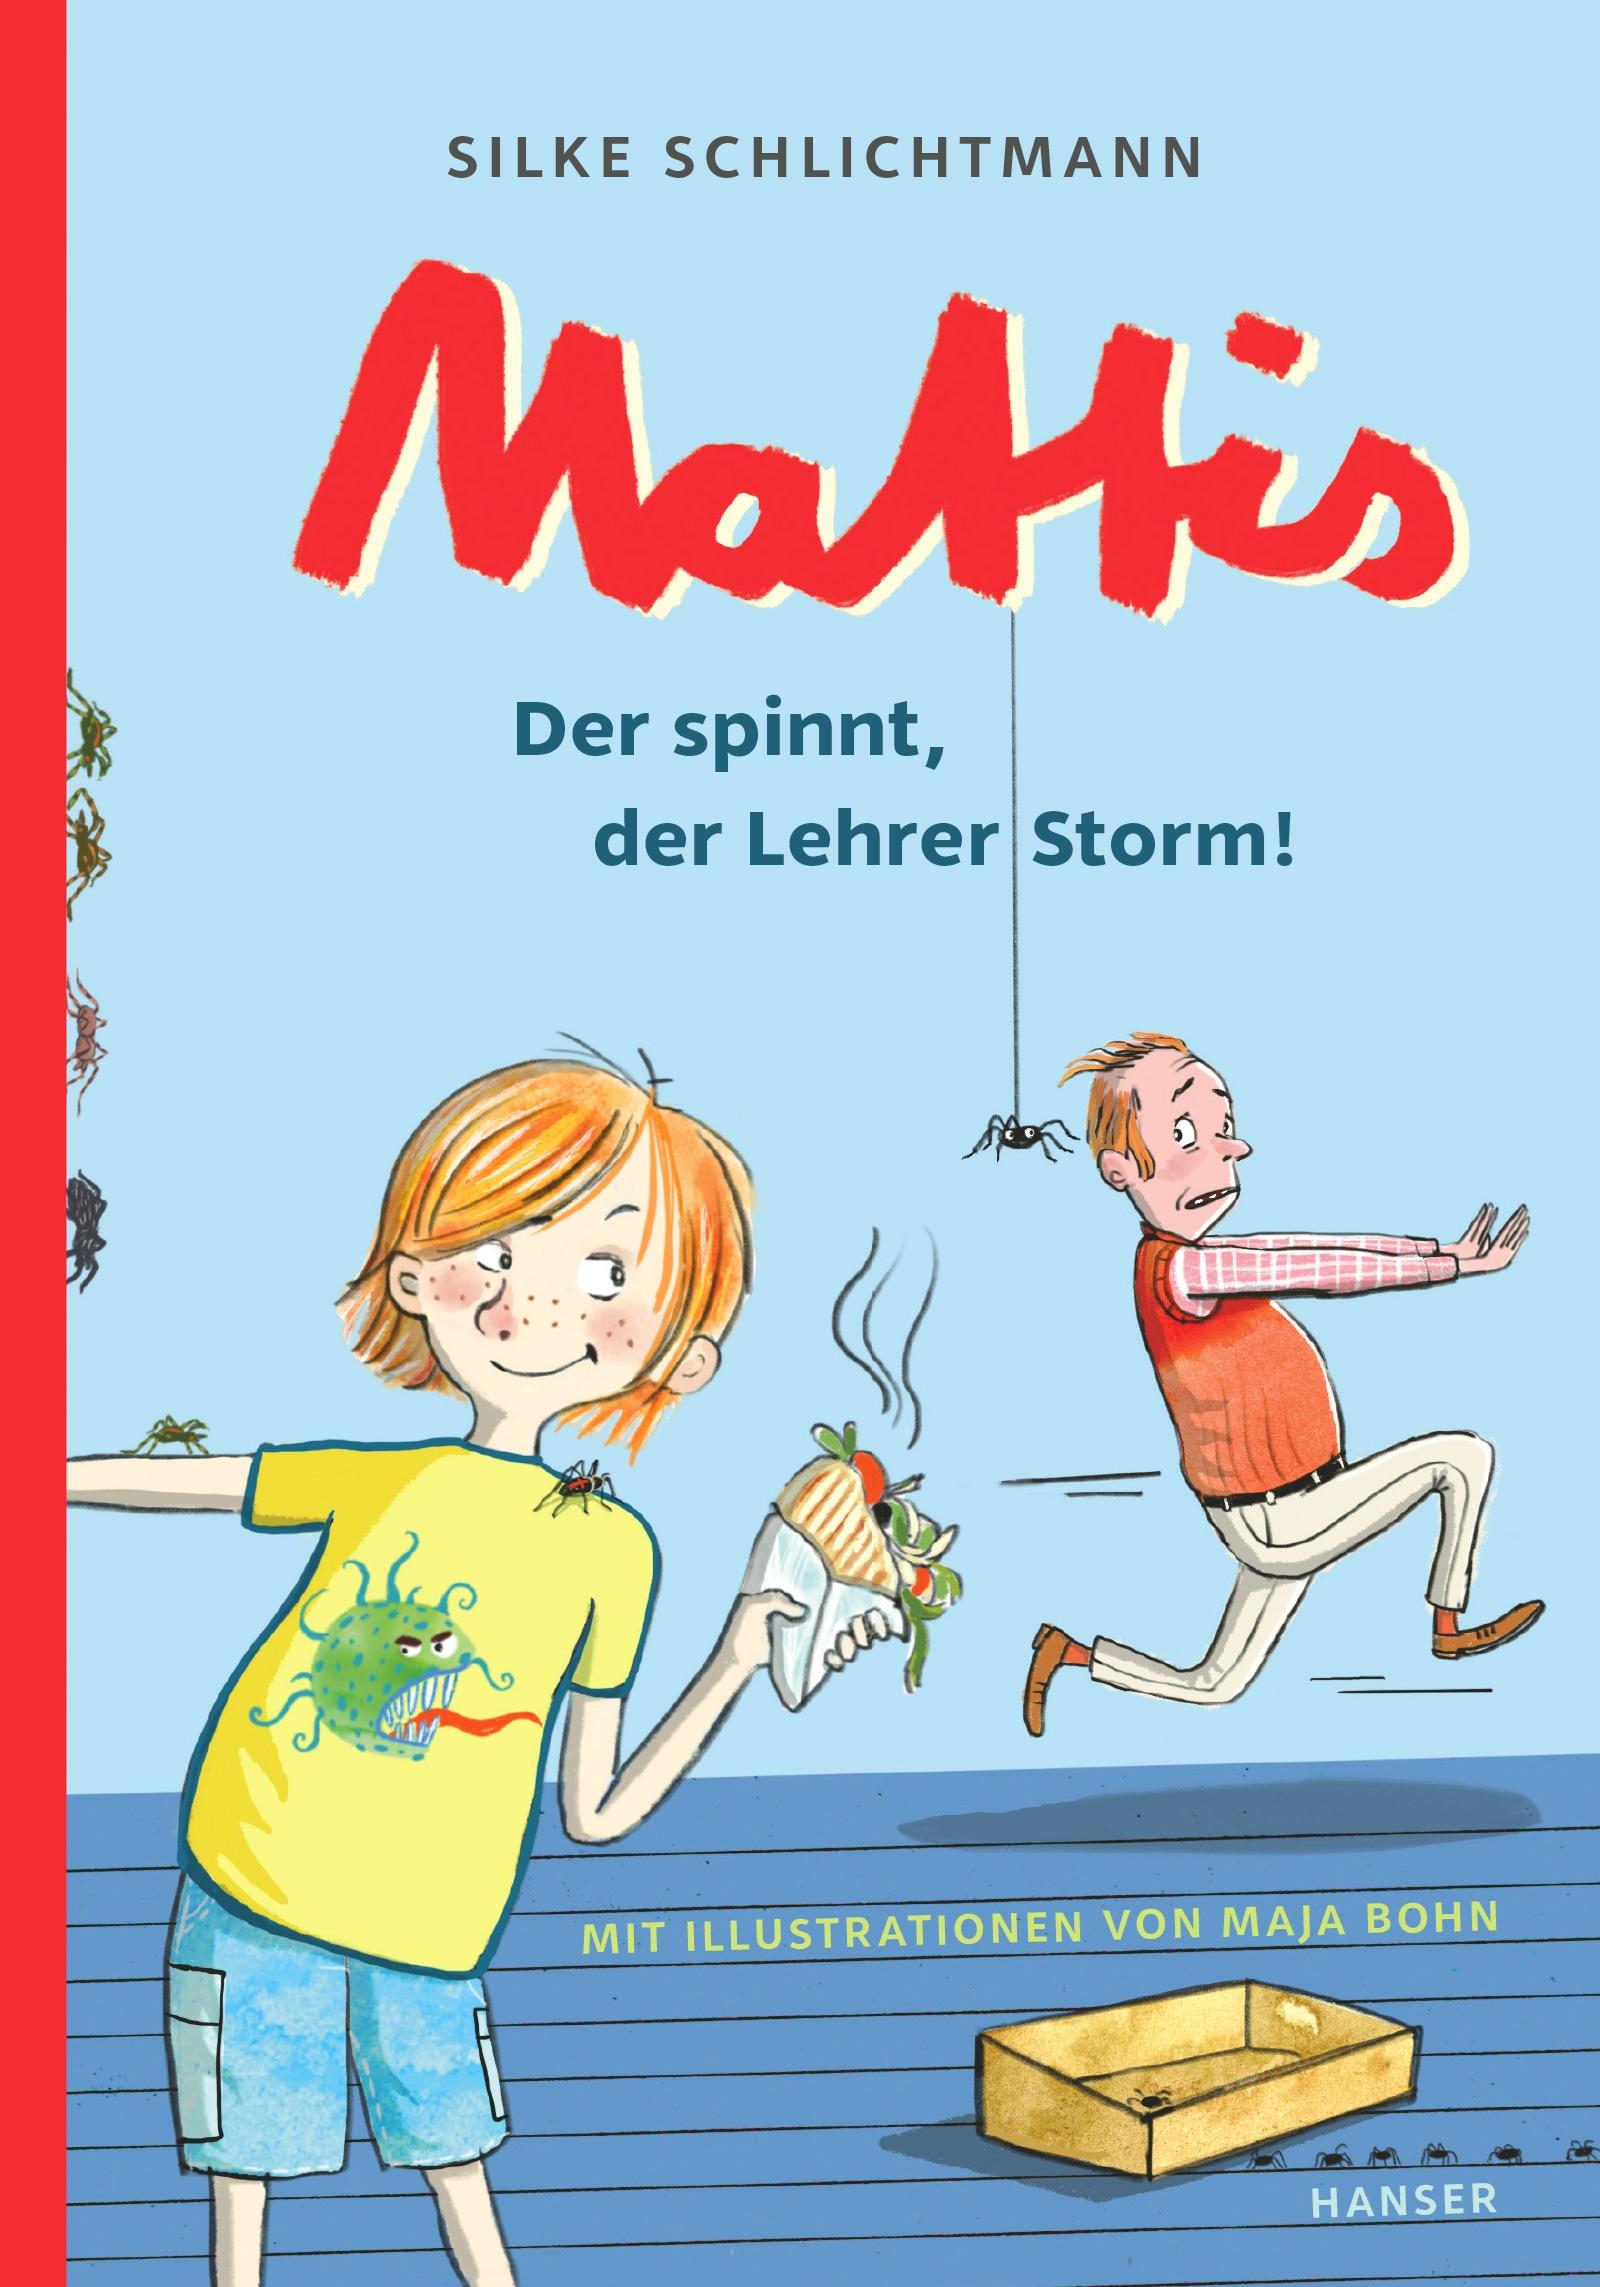 Mattis - Der spinnt, der Lehrer Storm!